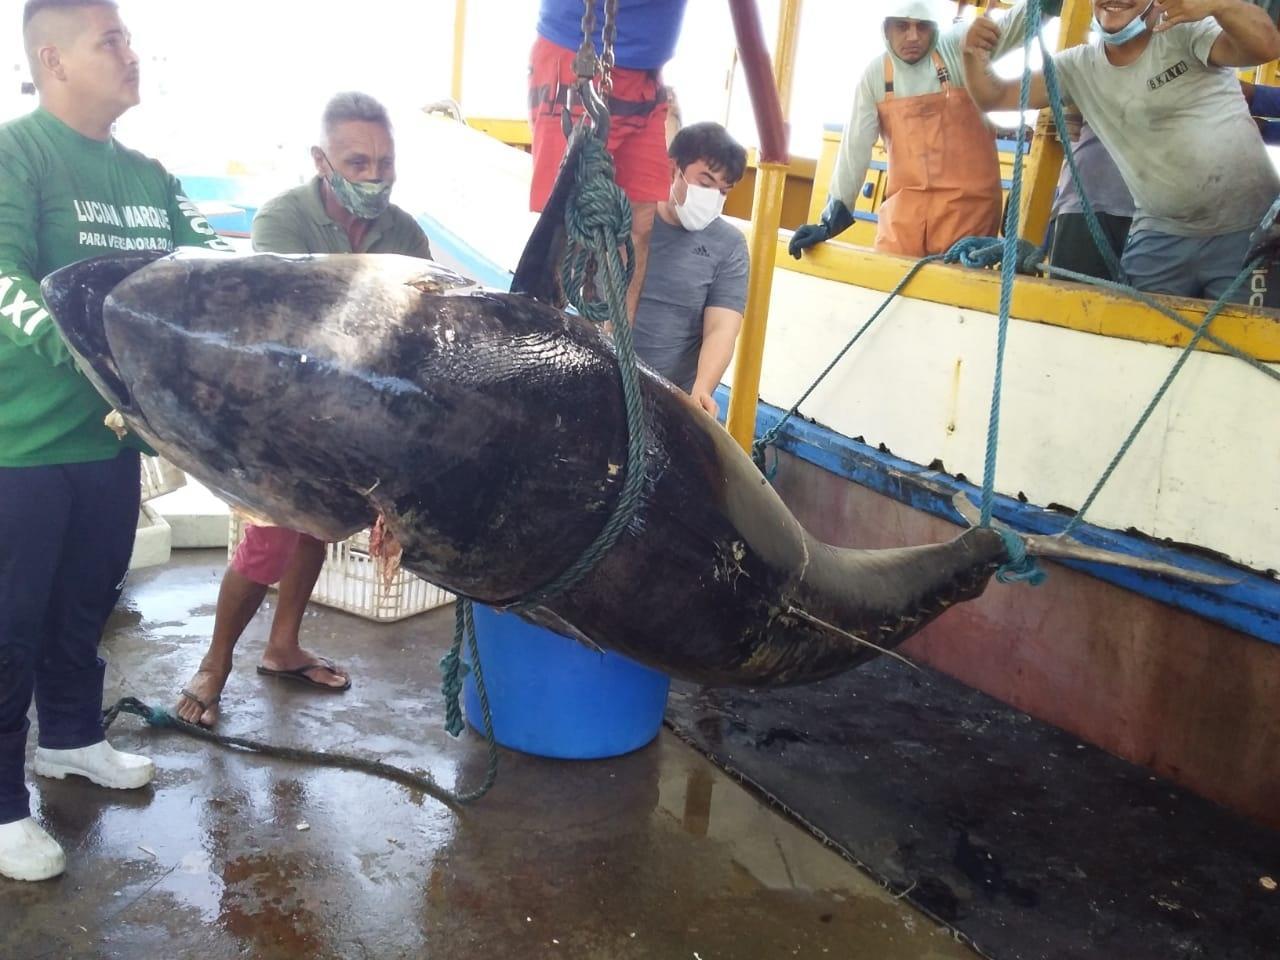 Pescadores fisgam atum de R$ 140 mil, mas detalhe faz perderem bolada